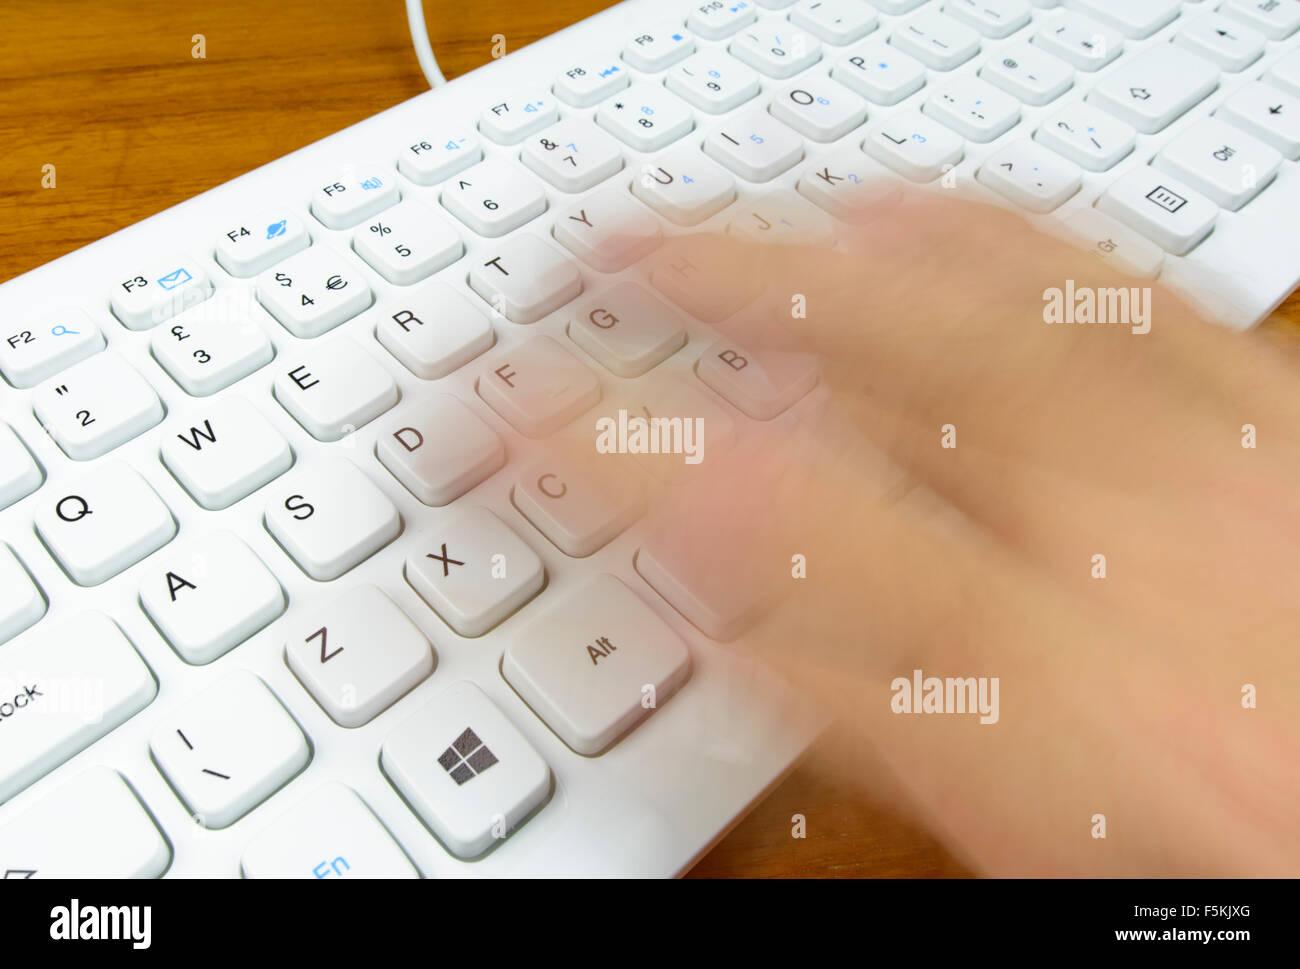 La digitazione rapida sulla tastiera di un computer con la mano dattilografi sfocato per dedurre la velocità. Immagini Stock